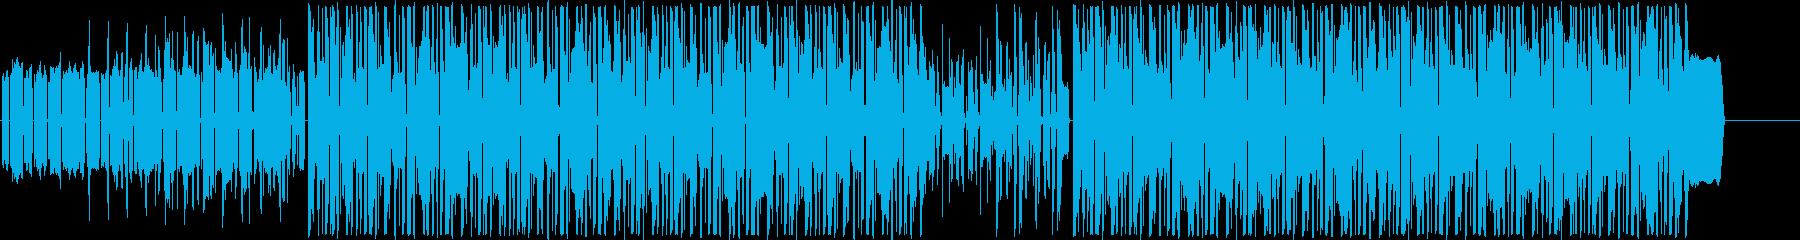 生演奏・軽快・ファンキーなギターロックの再生済みの波形